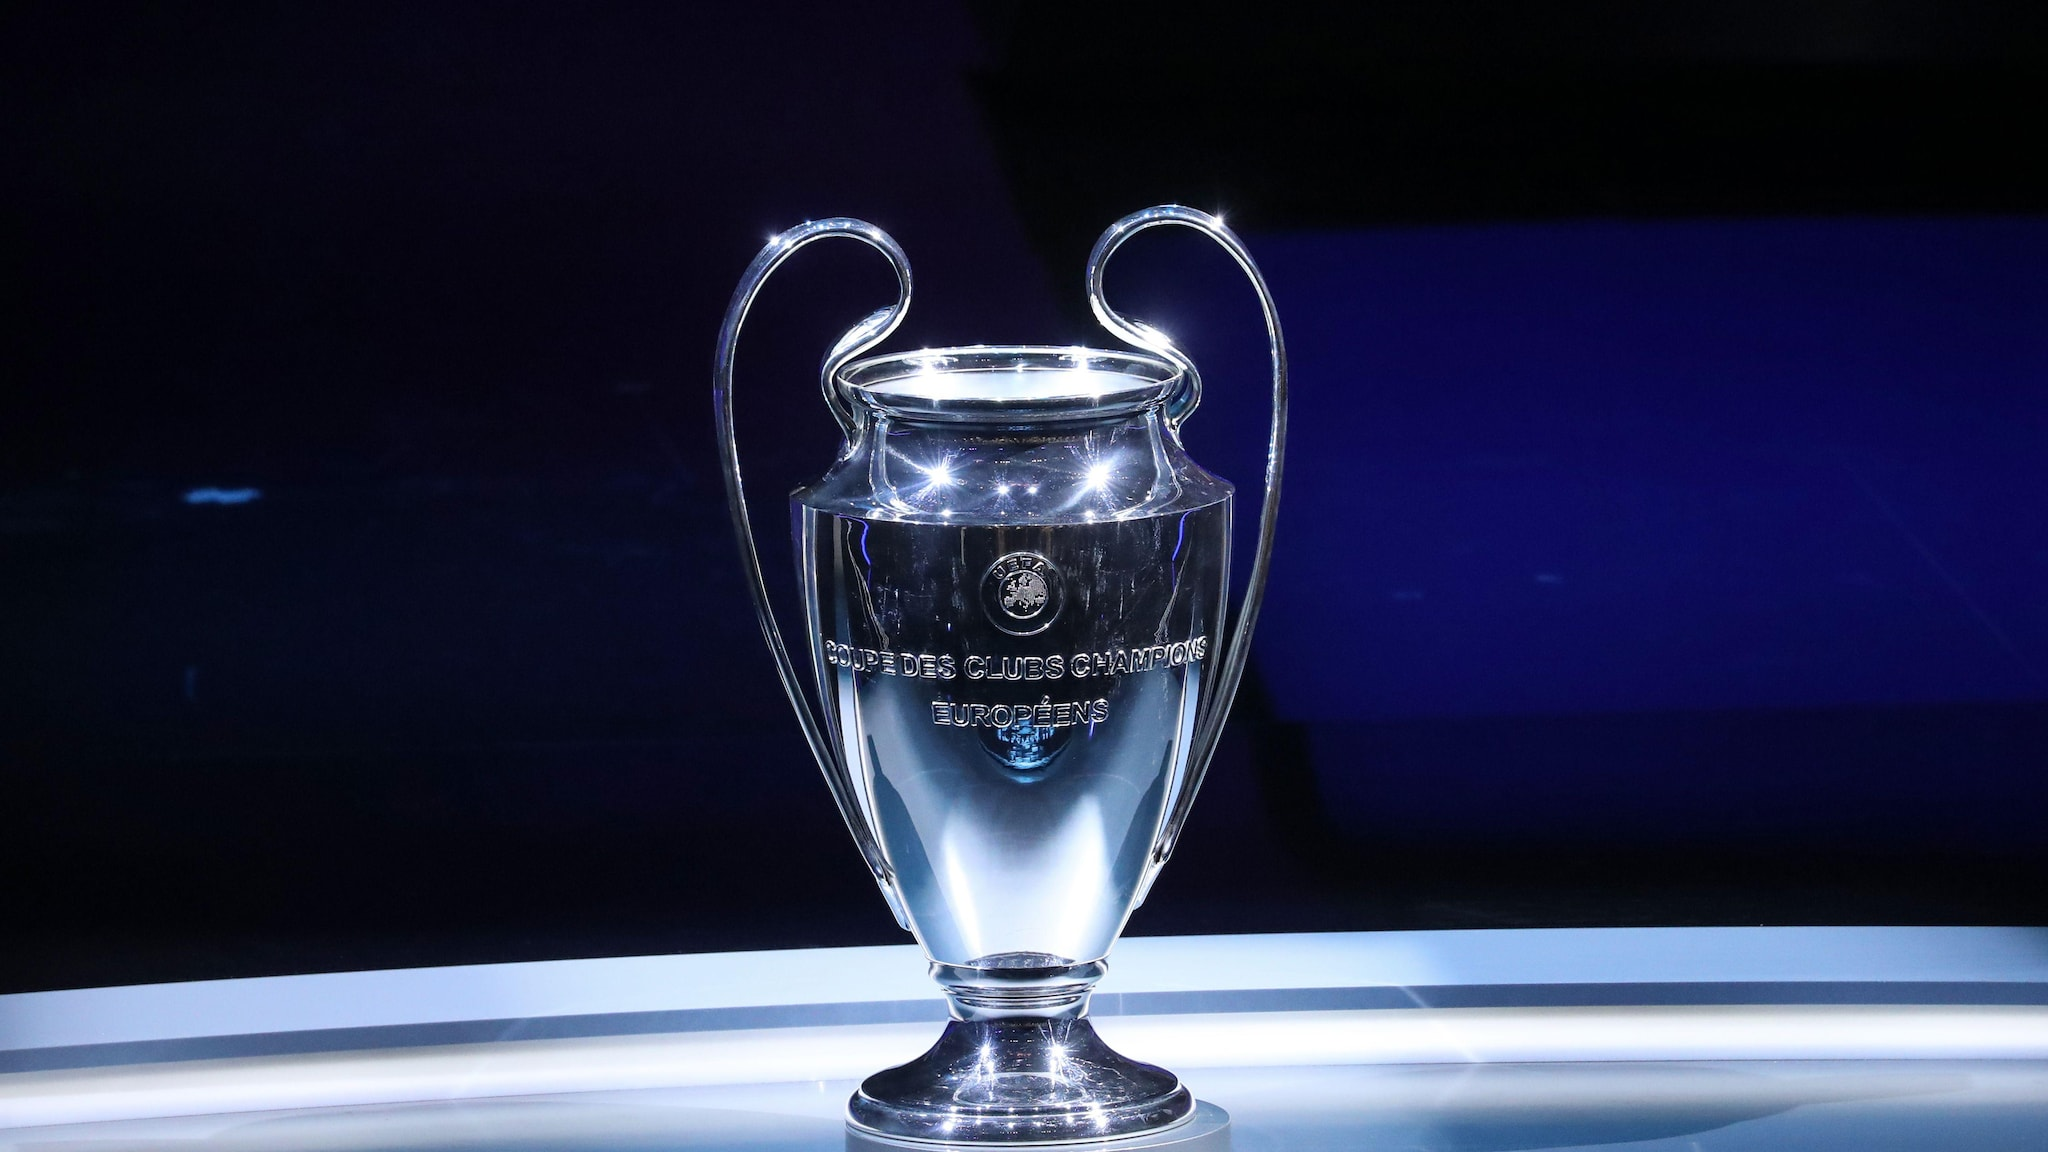 Die Trophäe der UEFA Champions League | UEFA Champions League